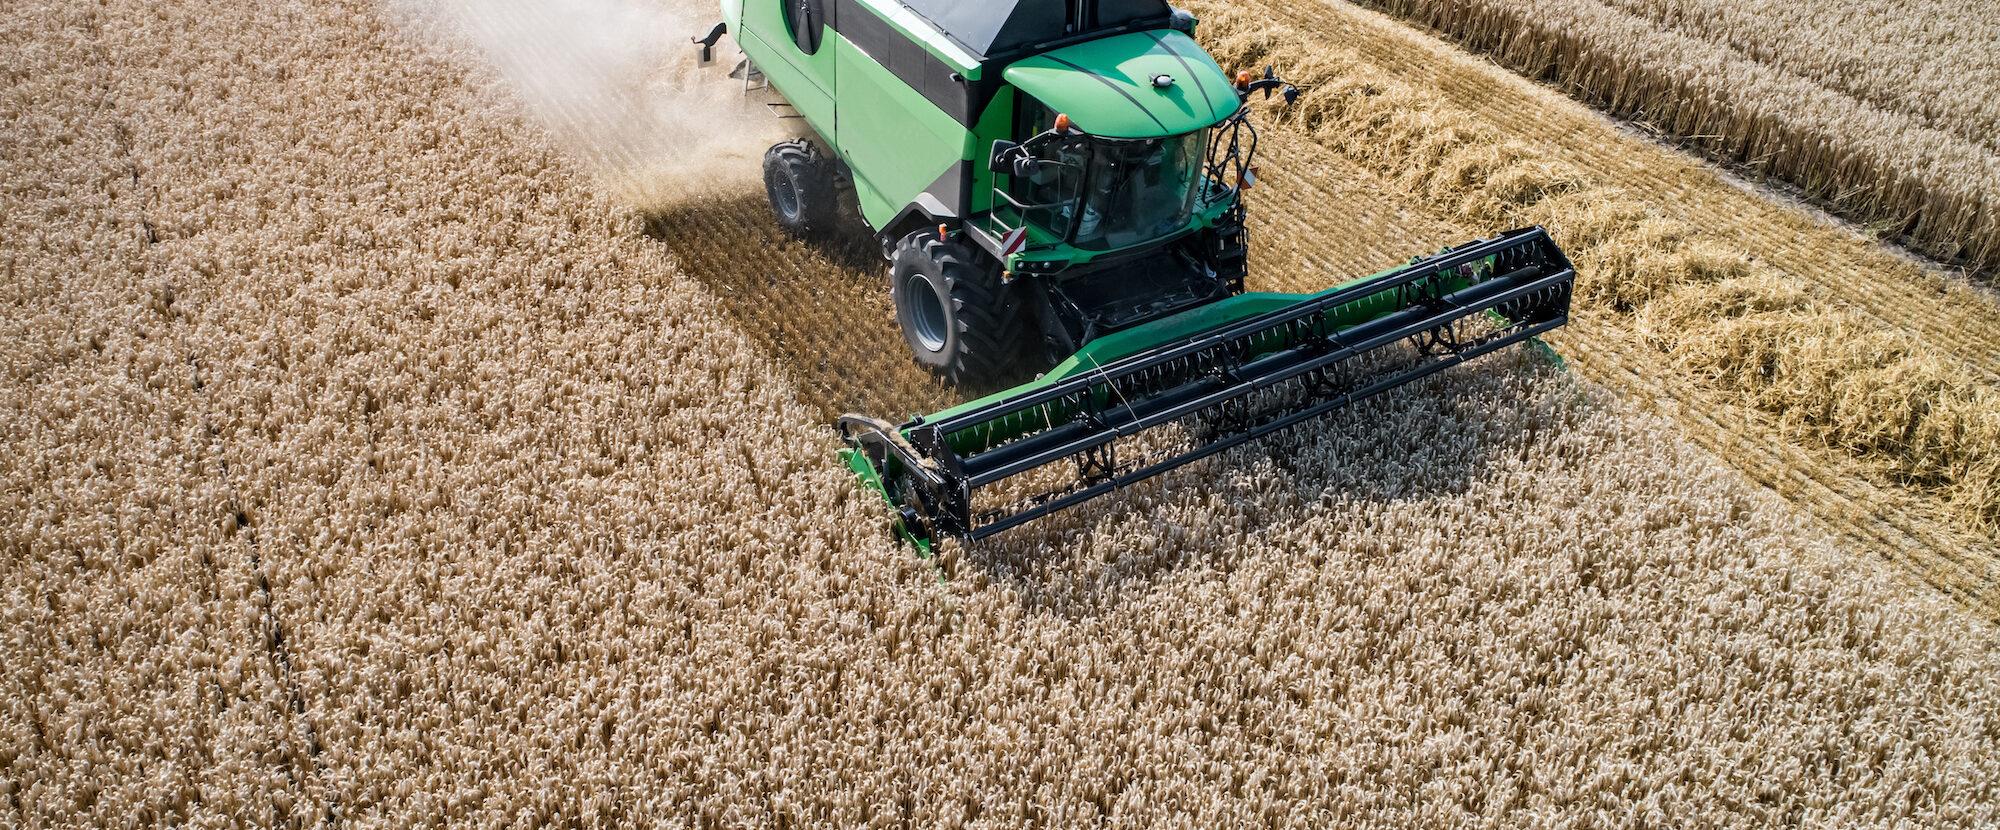 Produktive Landwirtschaft für Klima und Biodiversität